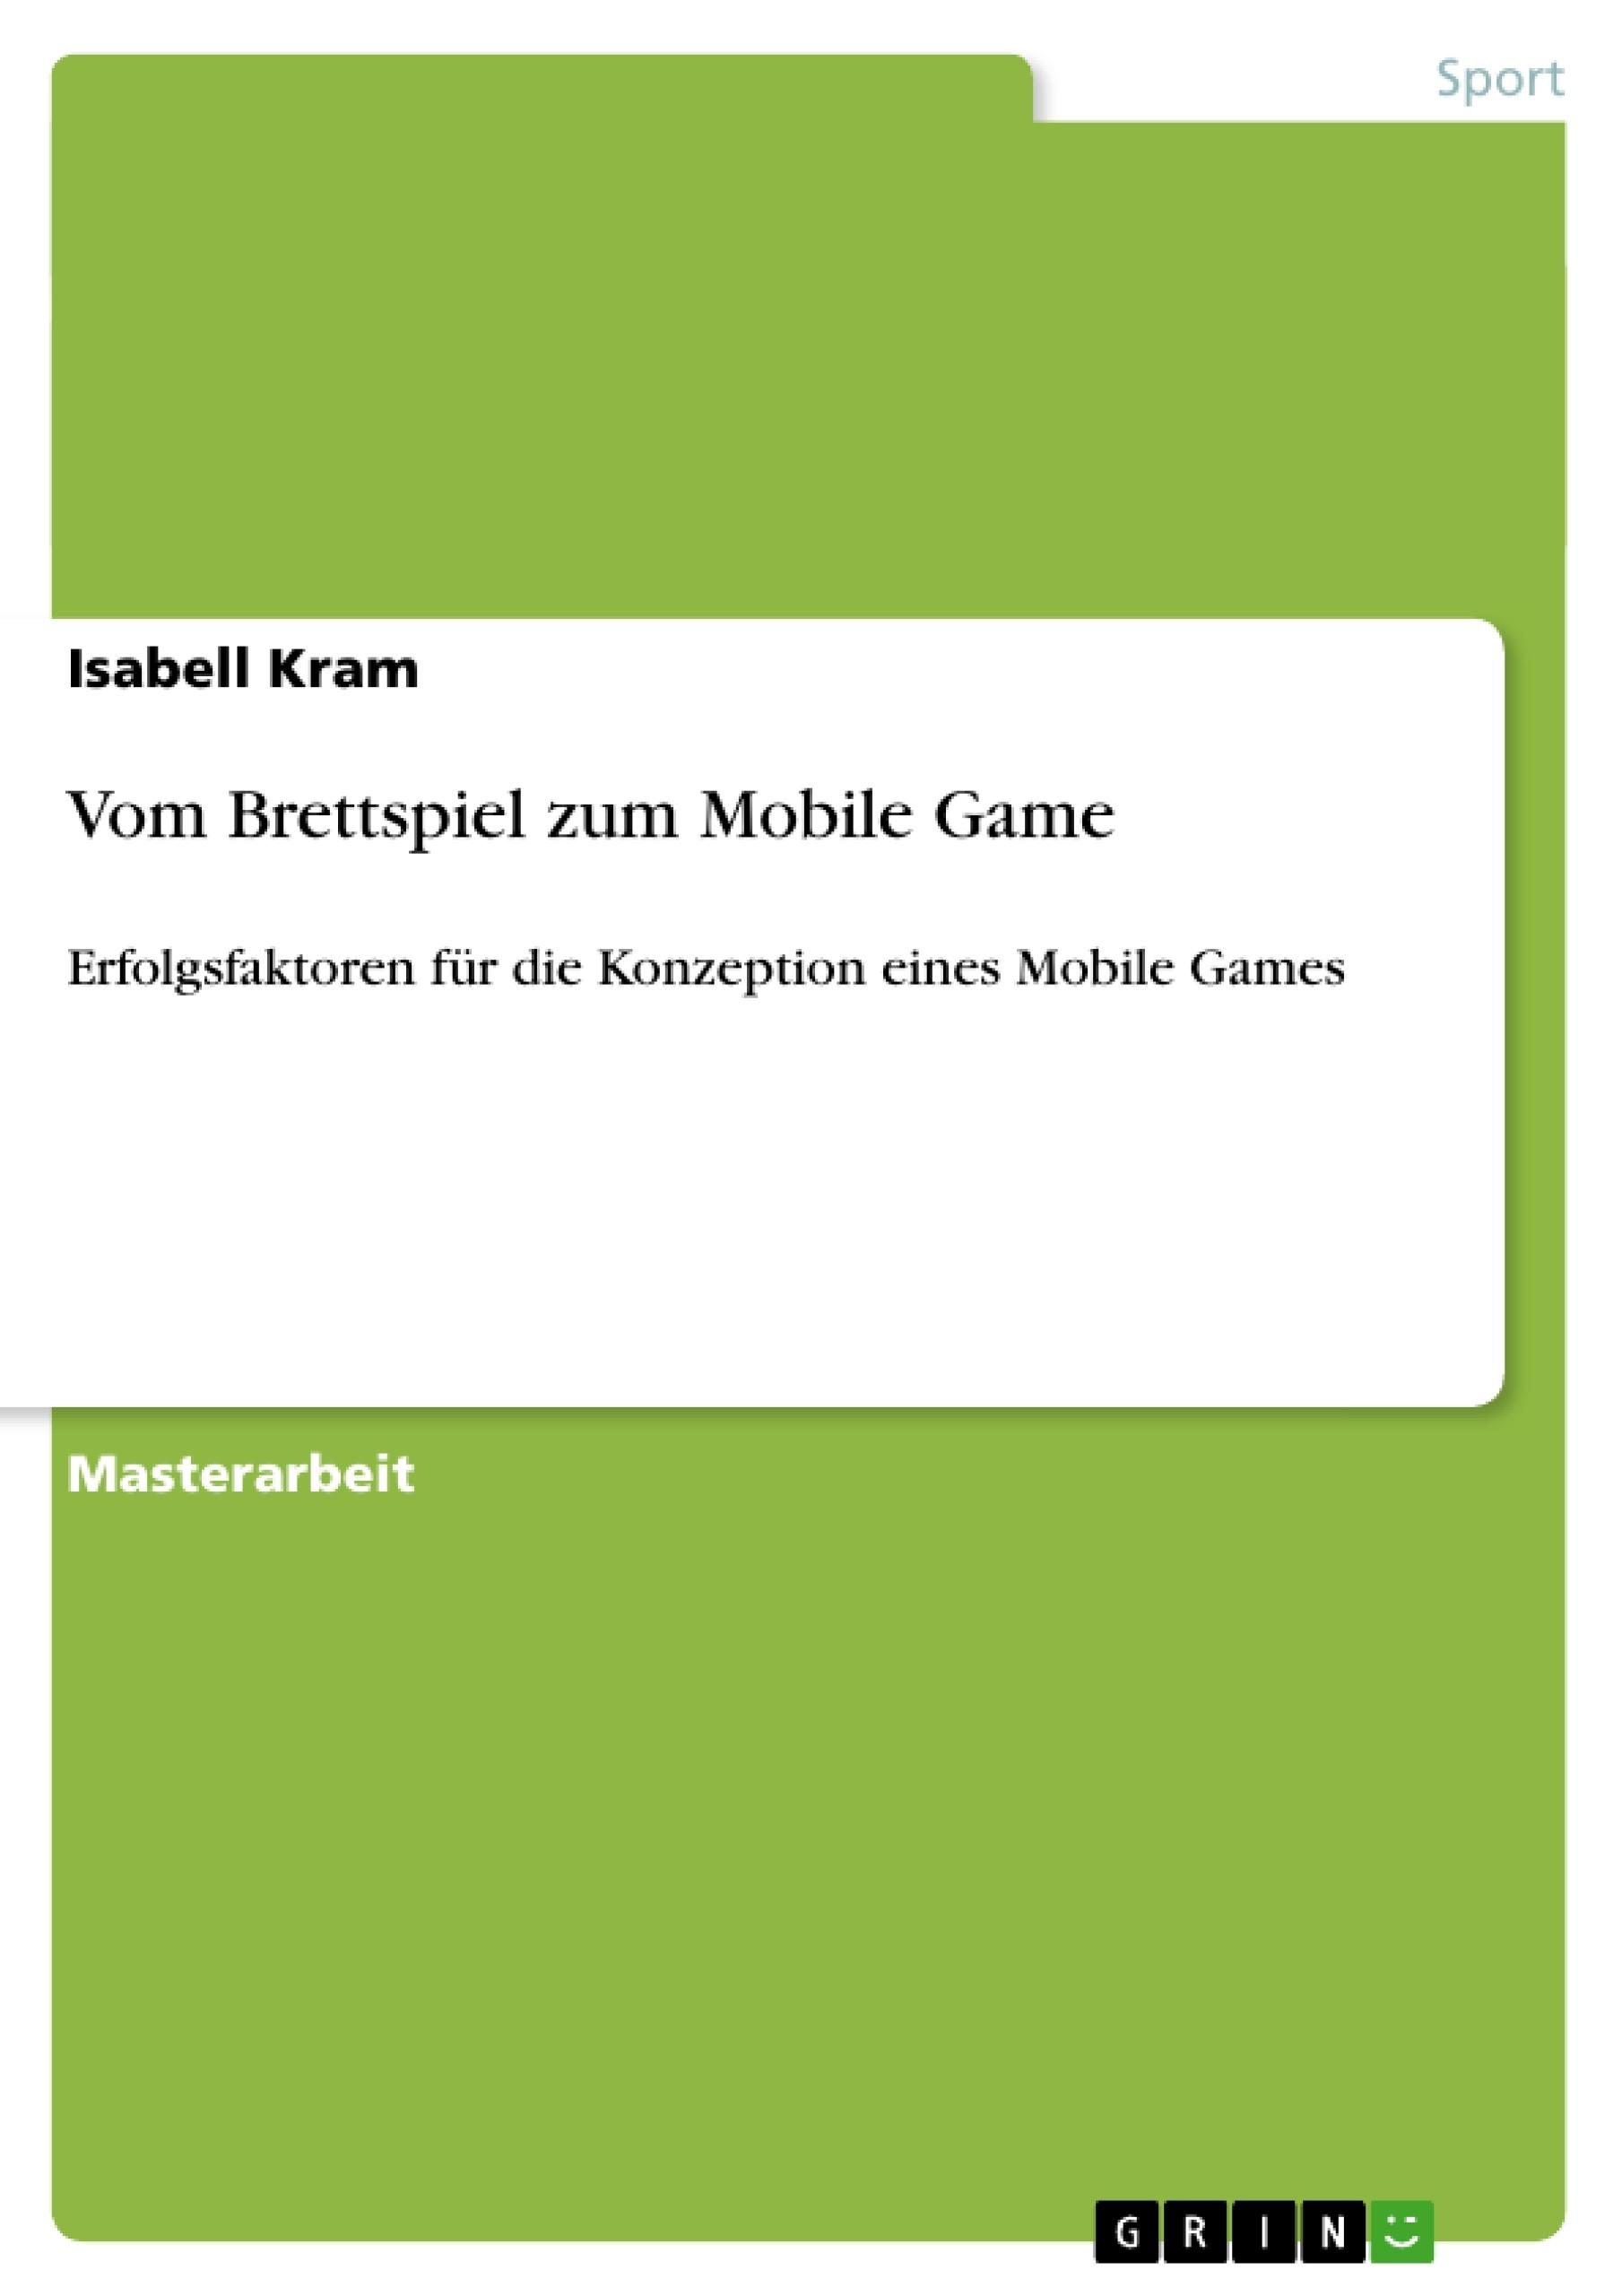 Titel: Vom Brettspiel zum Mobile Game